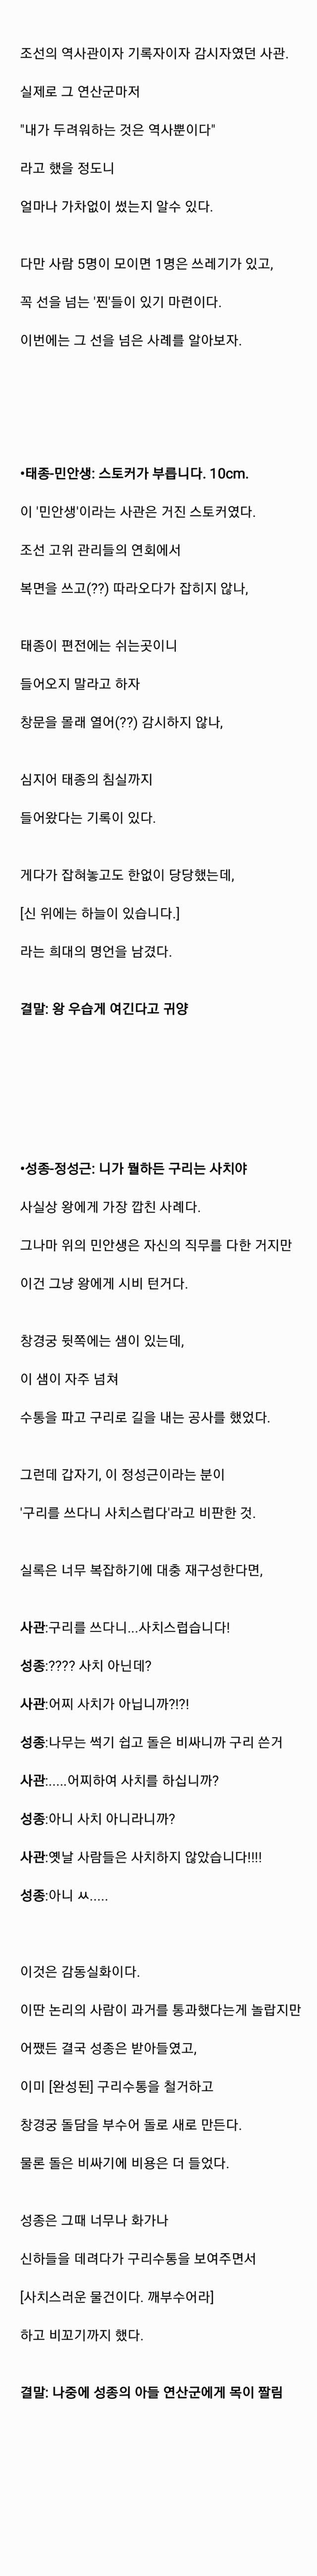 조선 사관의 목숨 건 패드립(요약 있음) | 인스티즈